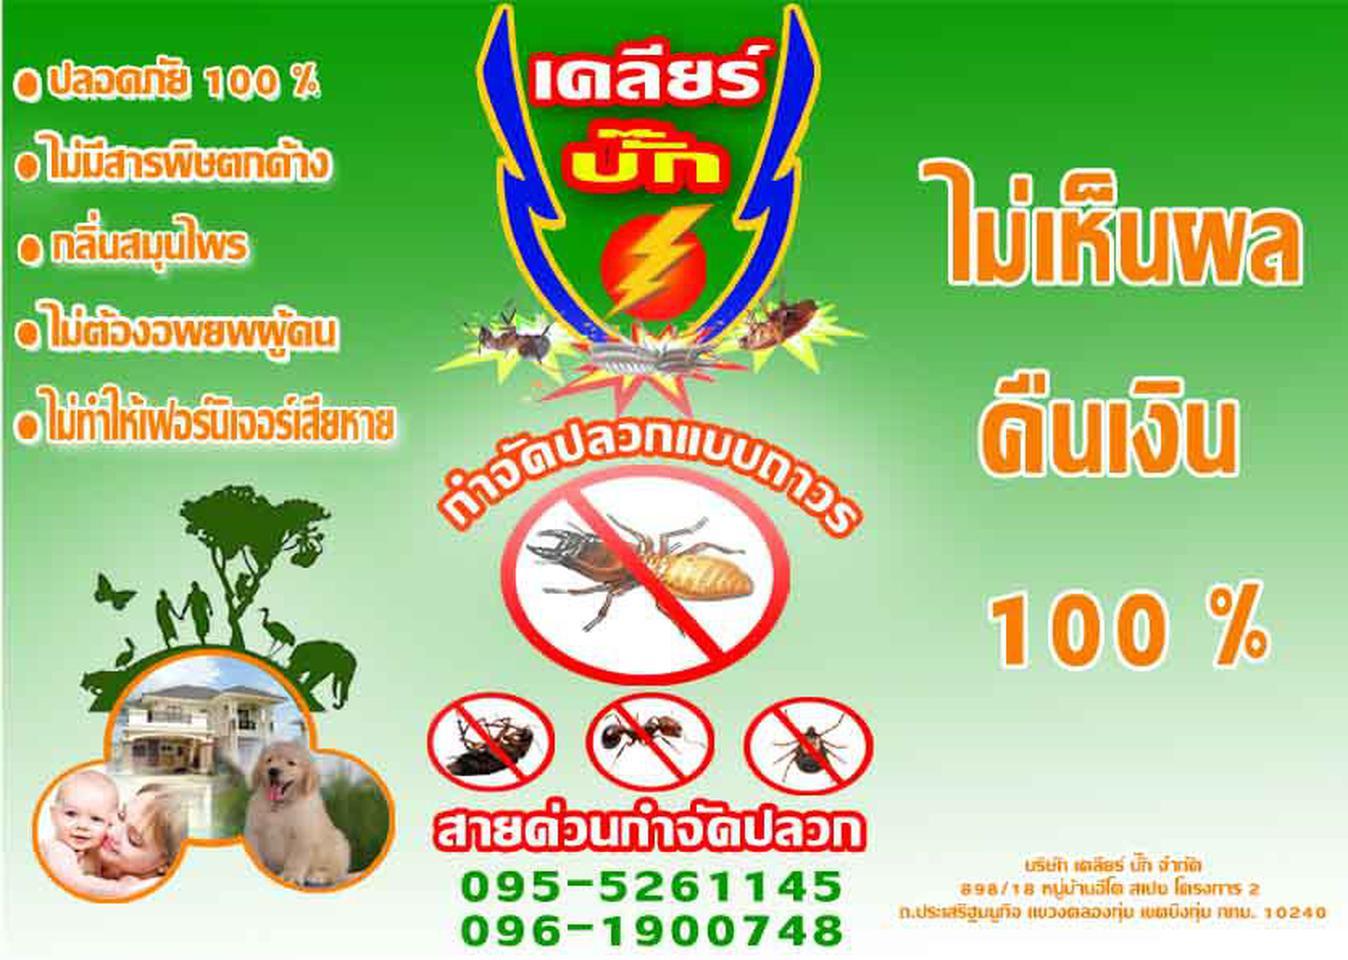 บริการกำจัดปลวก มด แมลงสาบ ด้วยสารสมุนไพร ไม่เป็นอันตรายต่อมนุษย์และสัตว์เลือดอุ่นทุกชนิด รูปที่ 1